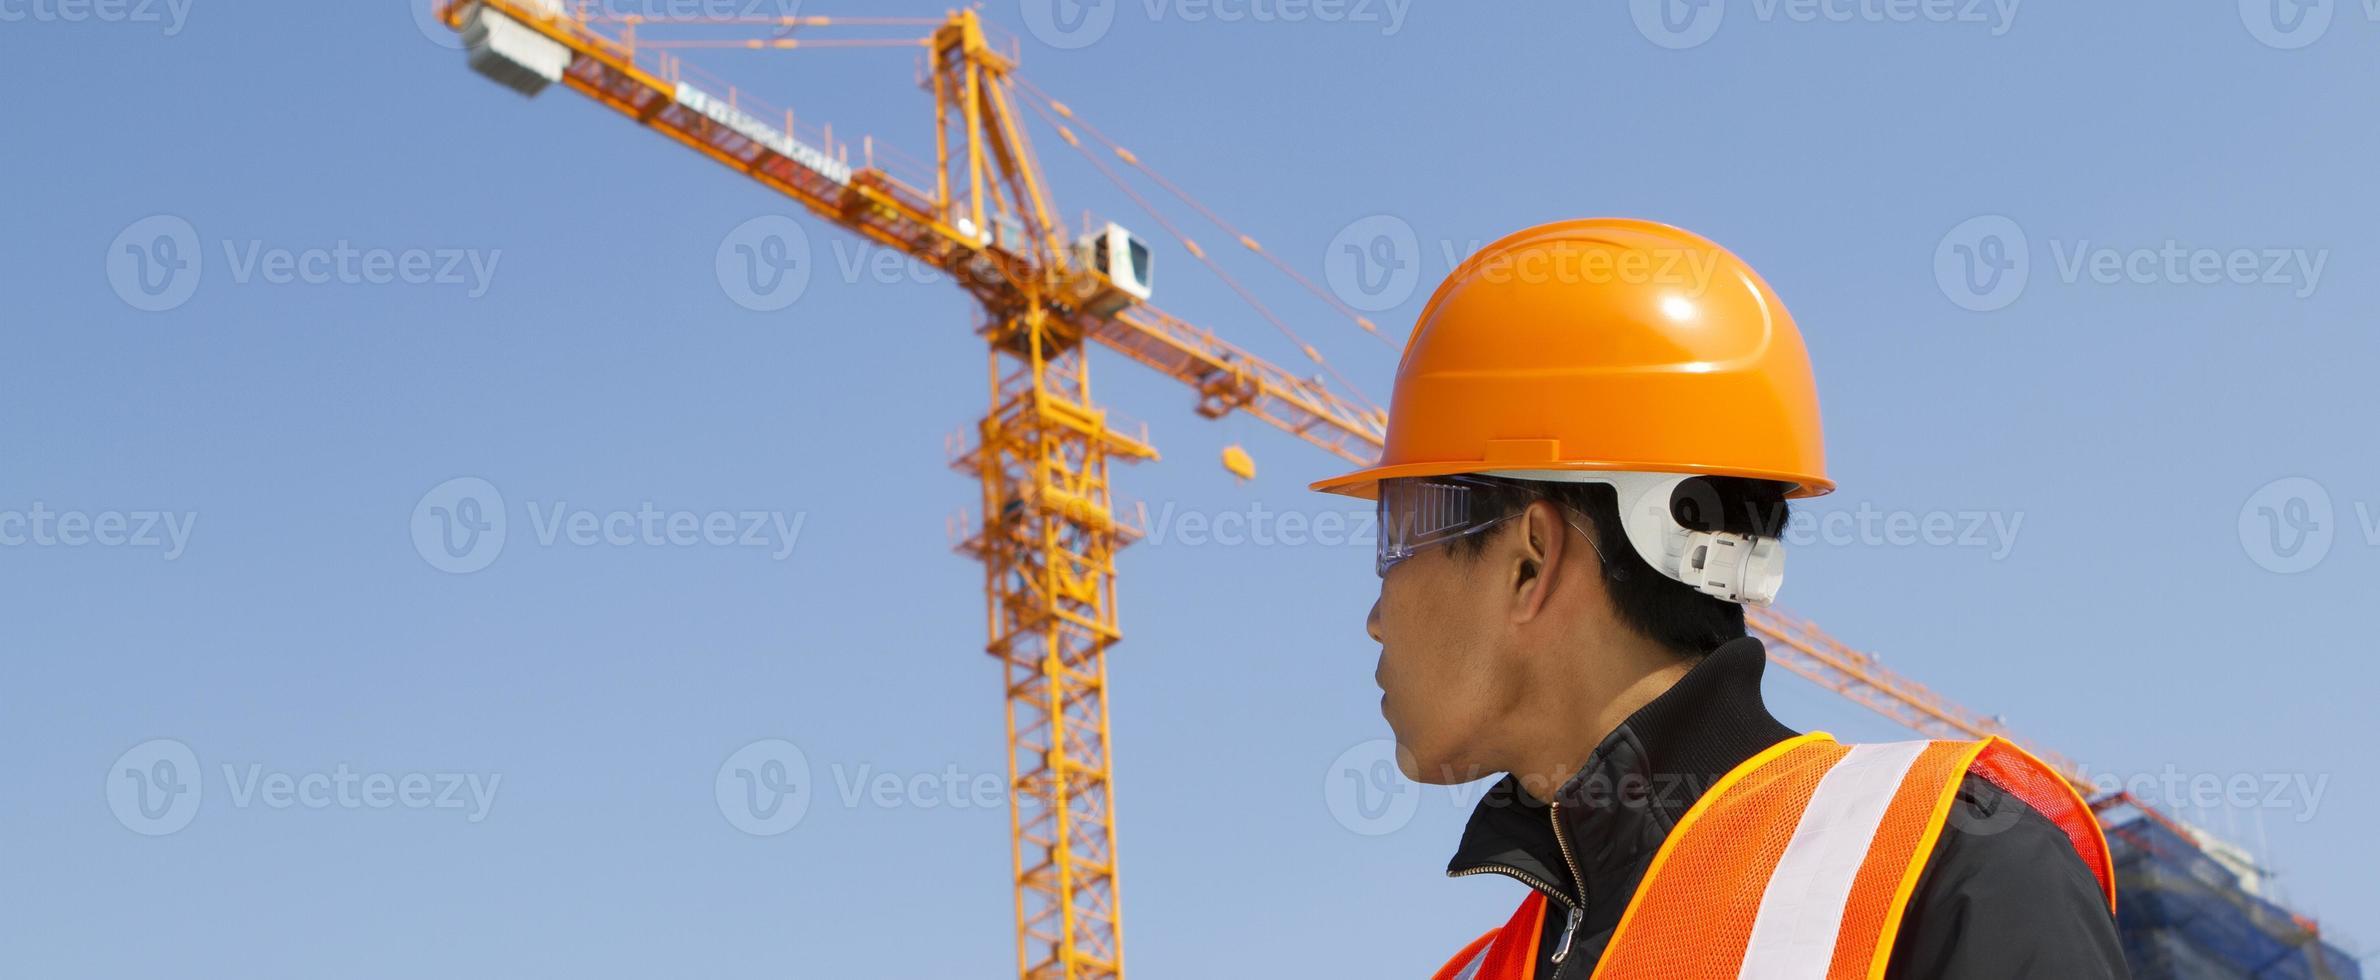 byggare inspektör under konstruktion foto